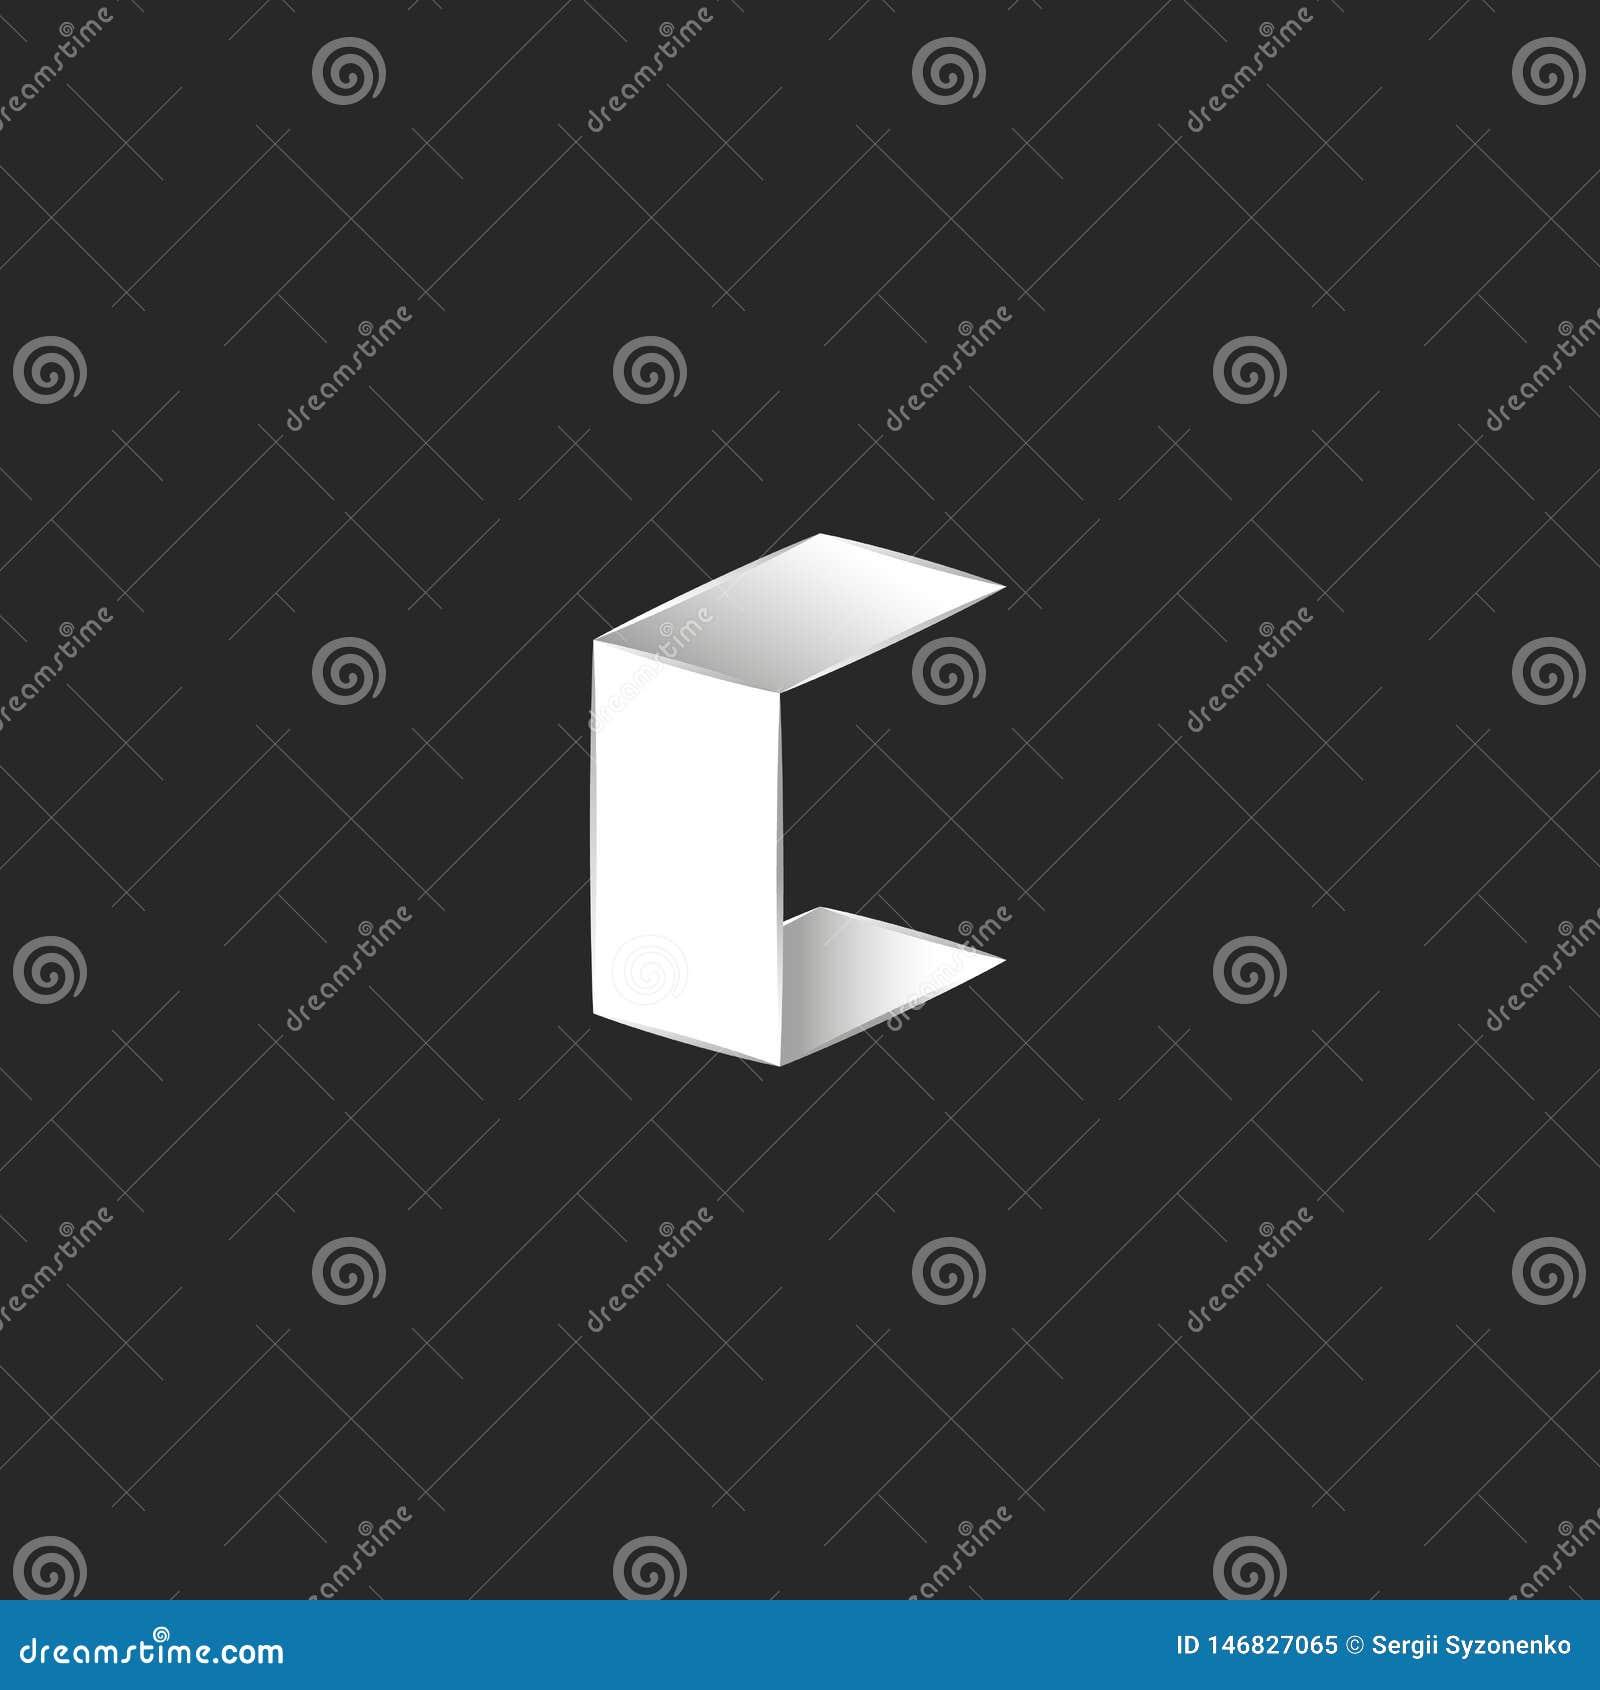 La police isométrique de forme de la lettre C du logo 3D, a plié les feuilles de papier plates blanches, élément de conception d